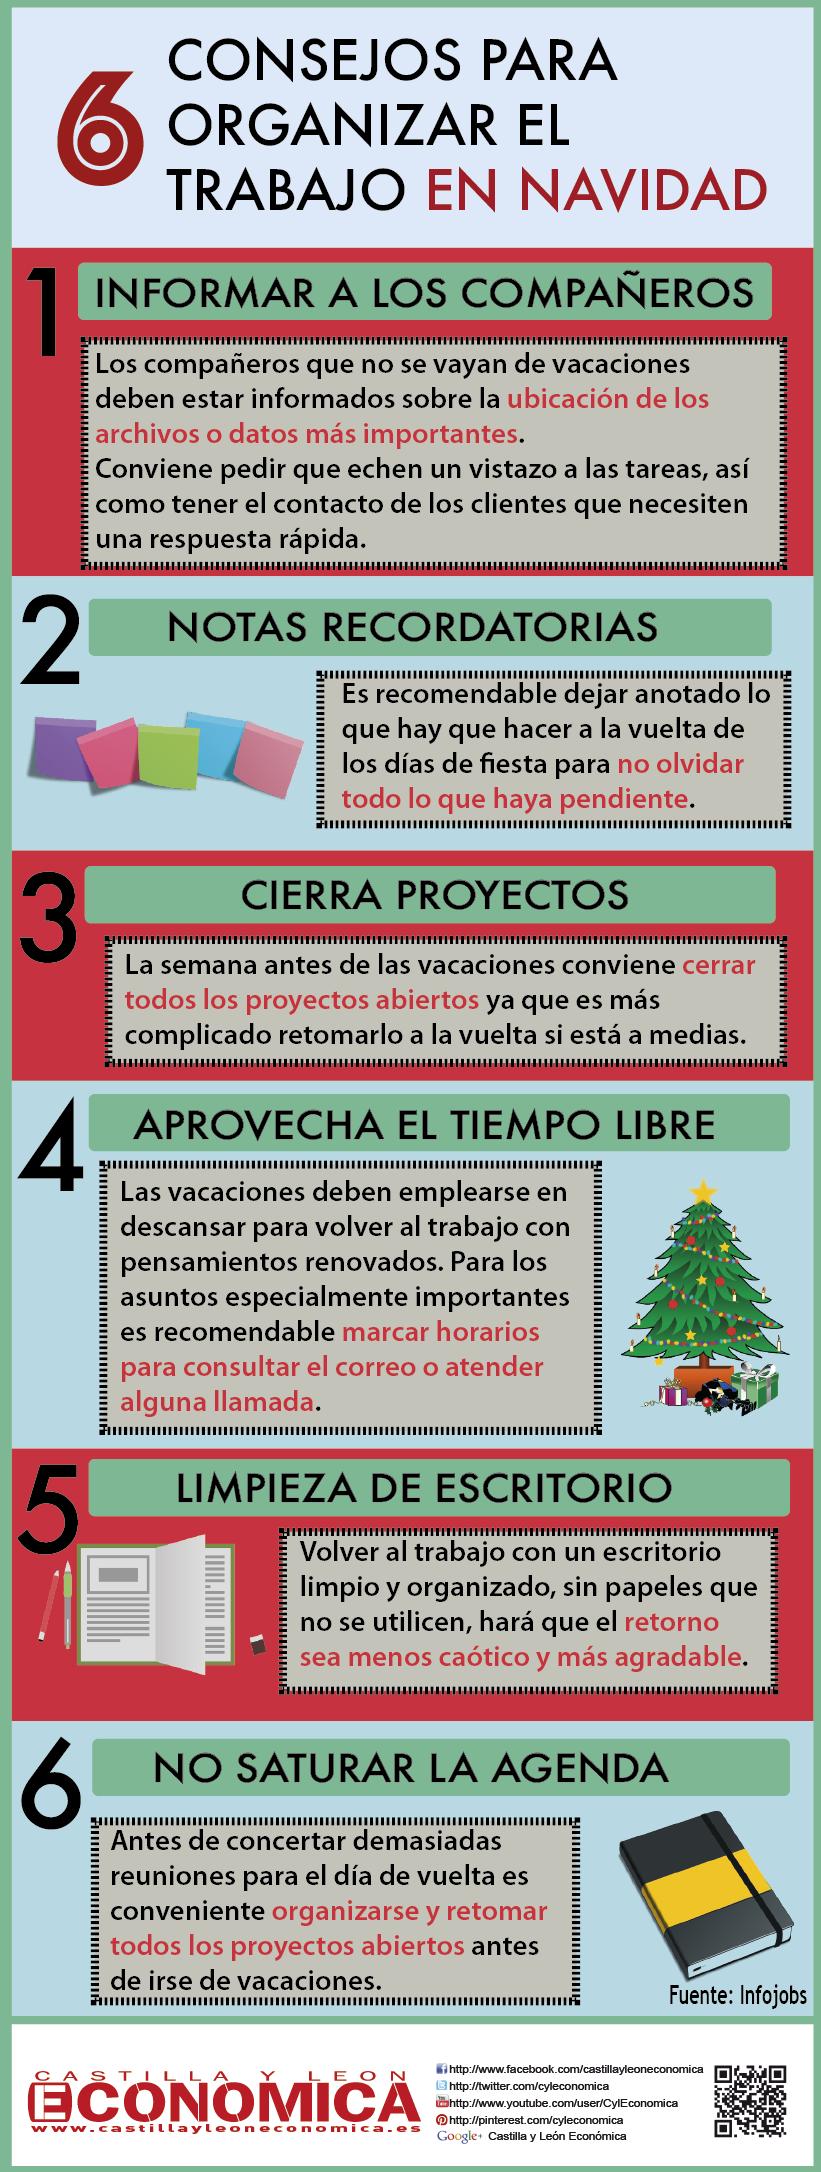 6consejosantesNavidad-01